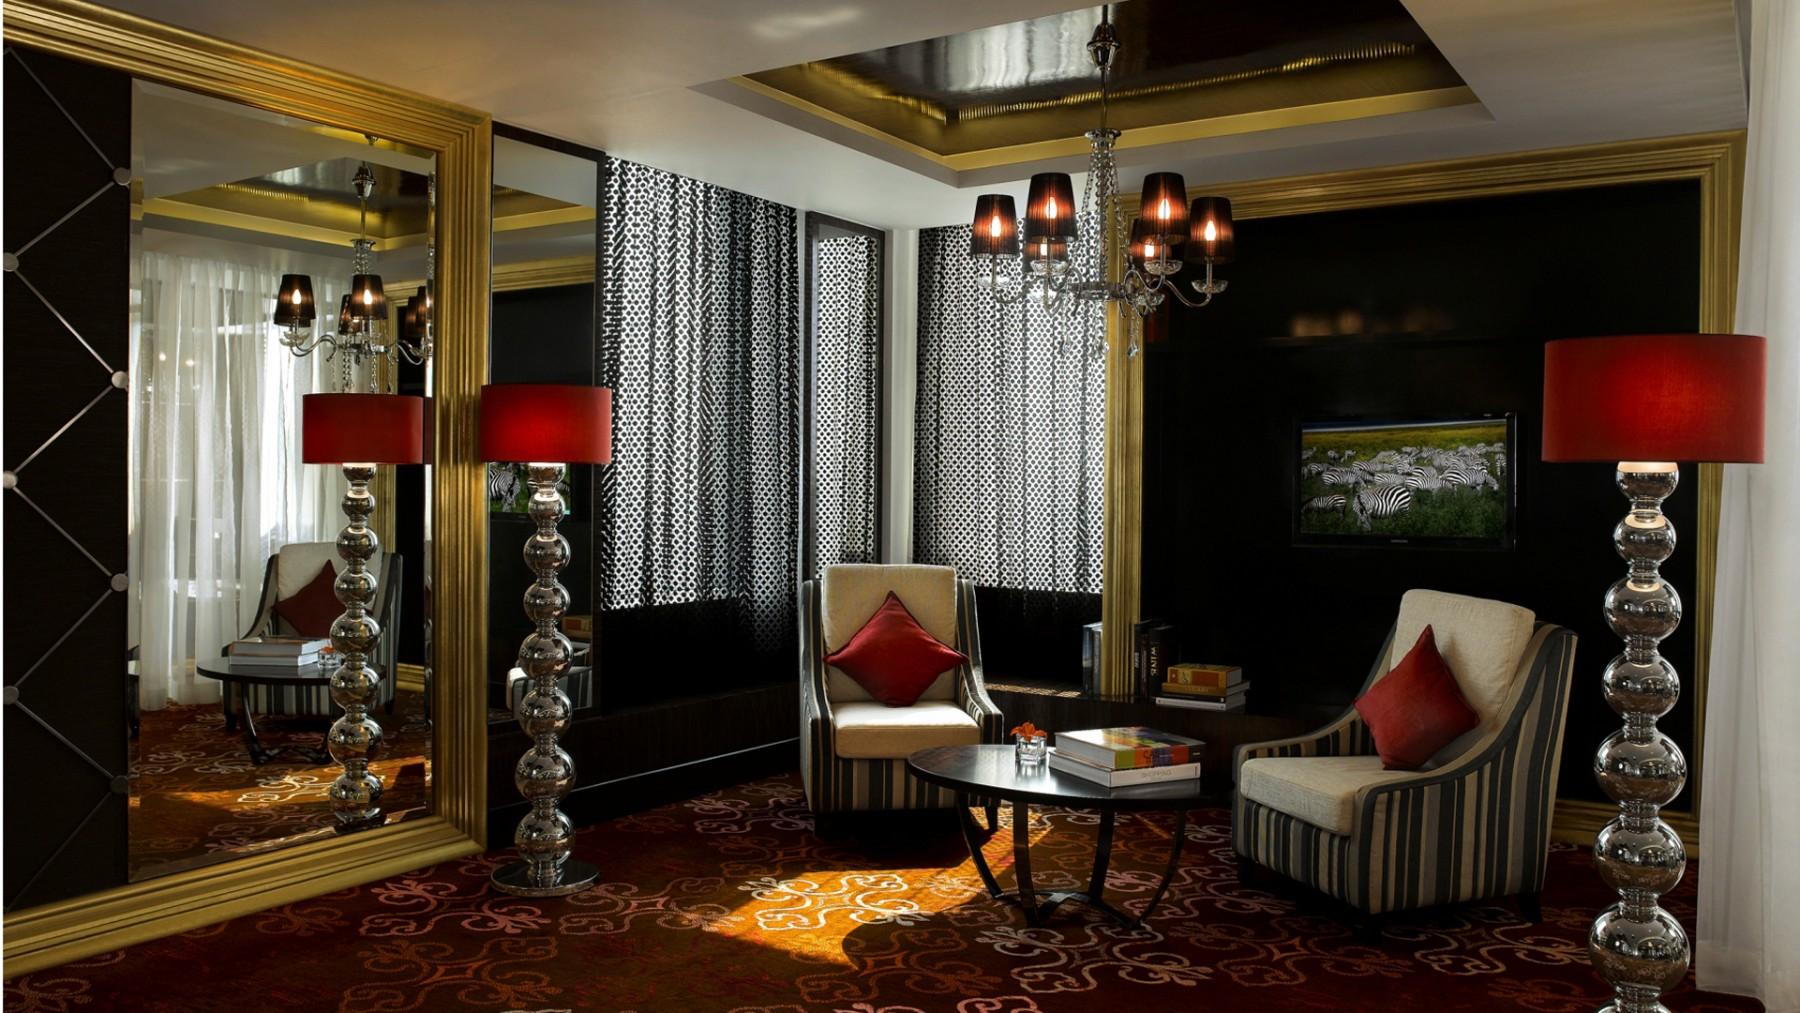 Sofitel-Mumbai-BKC-Club-Millésime-Detail.jpg